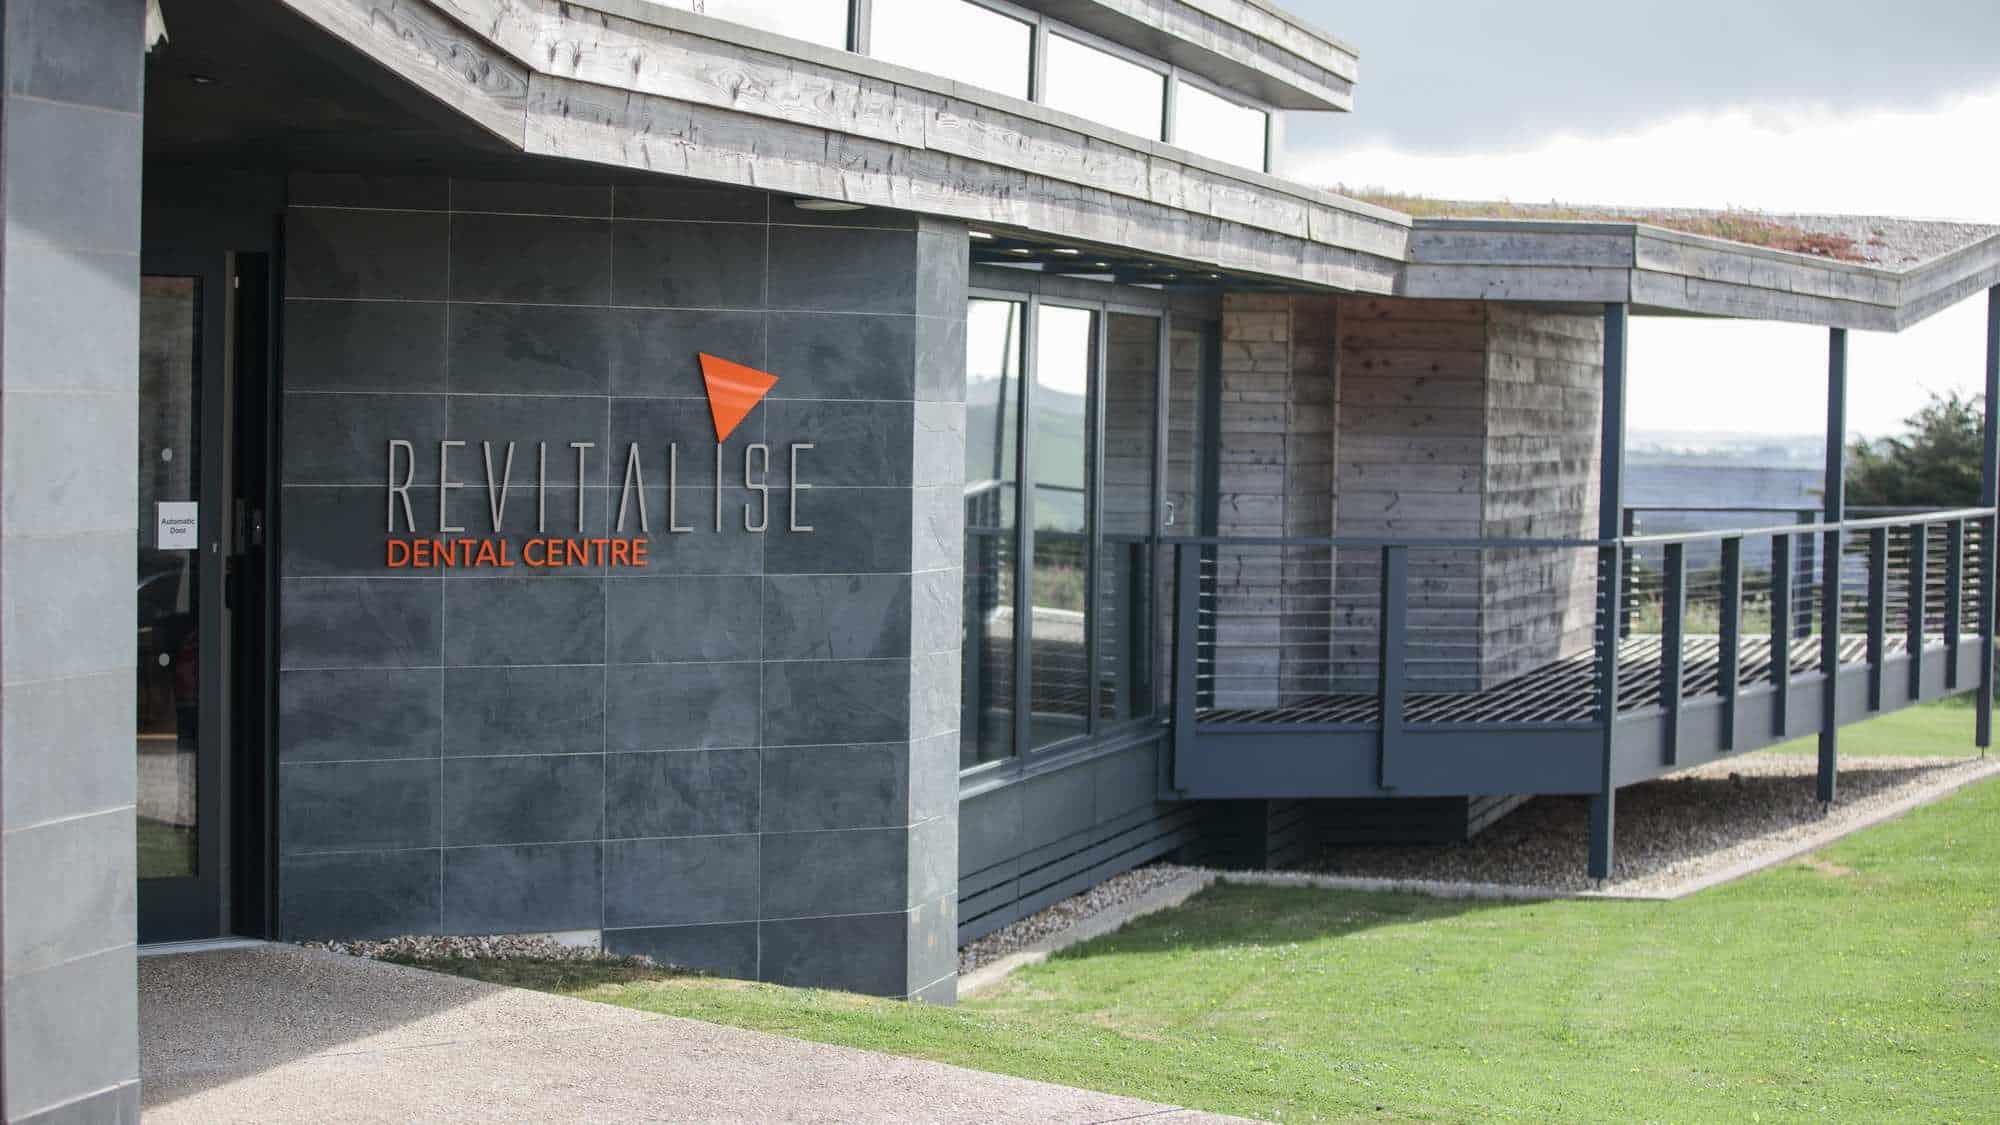 Revitalise Dental Centre